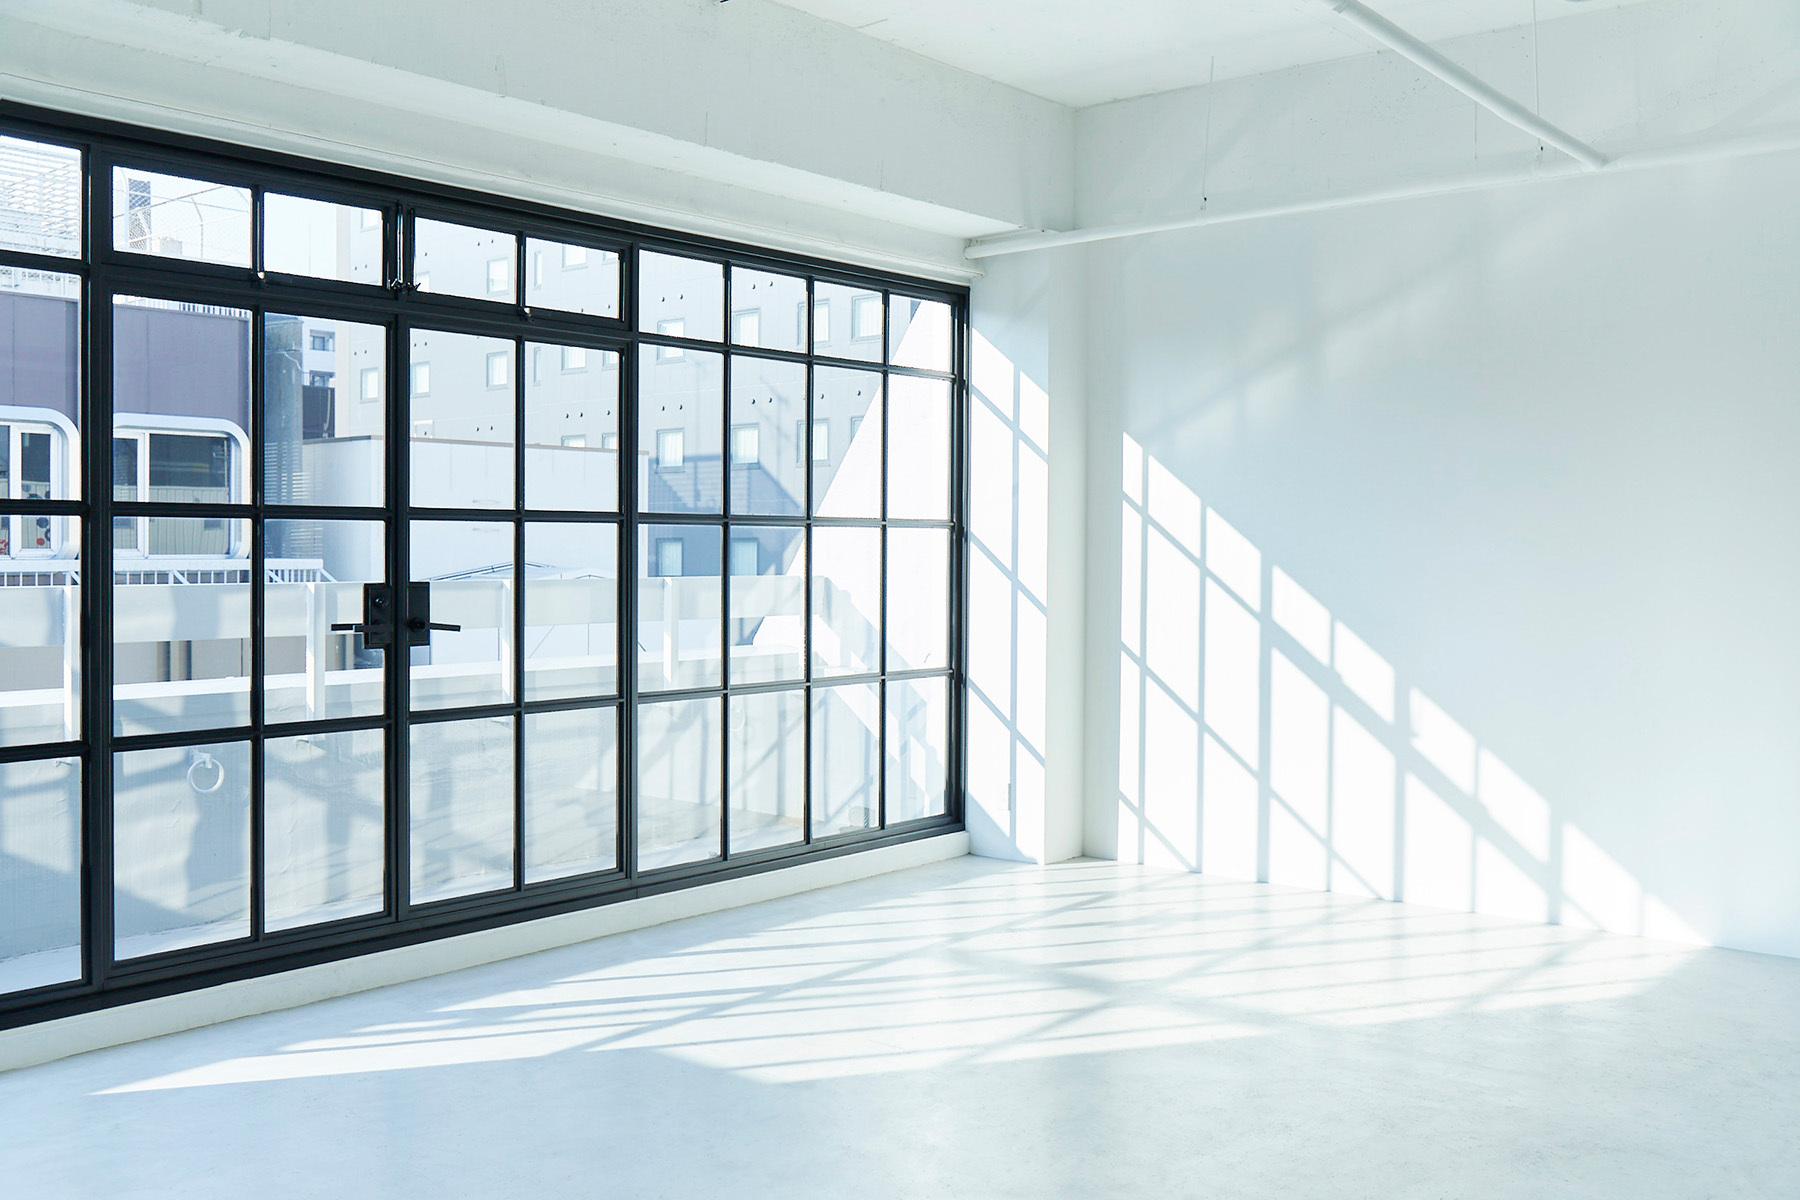 AtelierSix Studio&Prop (アトリエシックス)壁は左右光で選べる